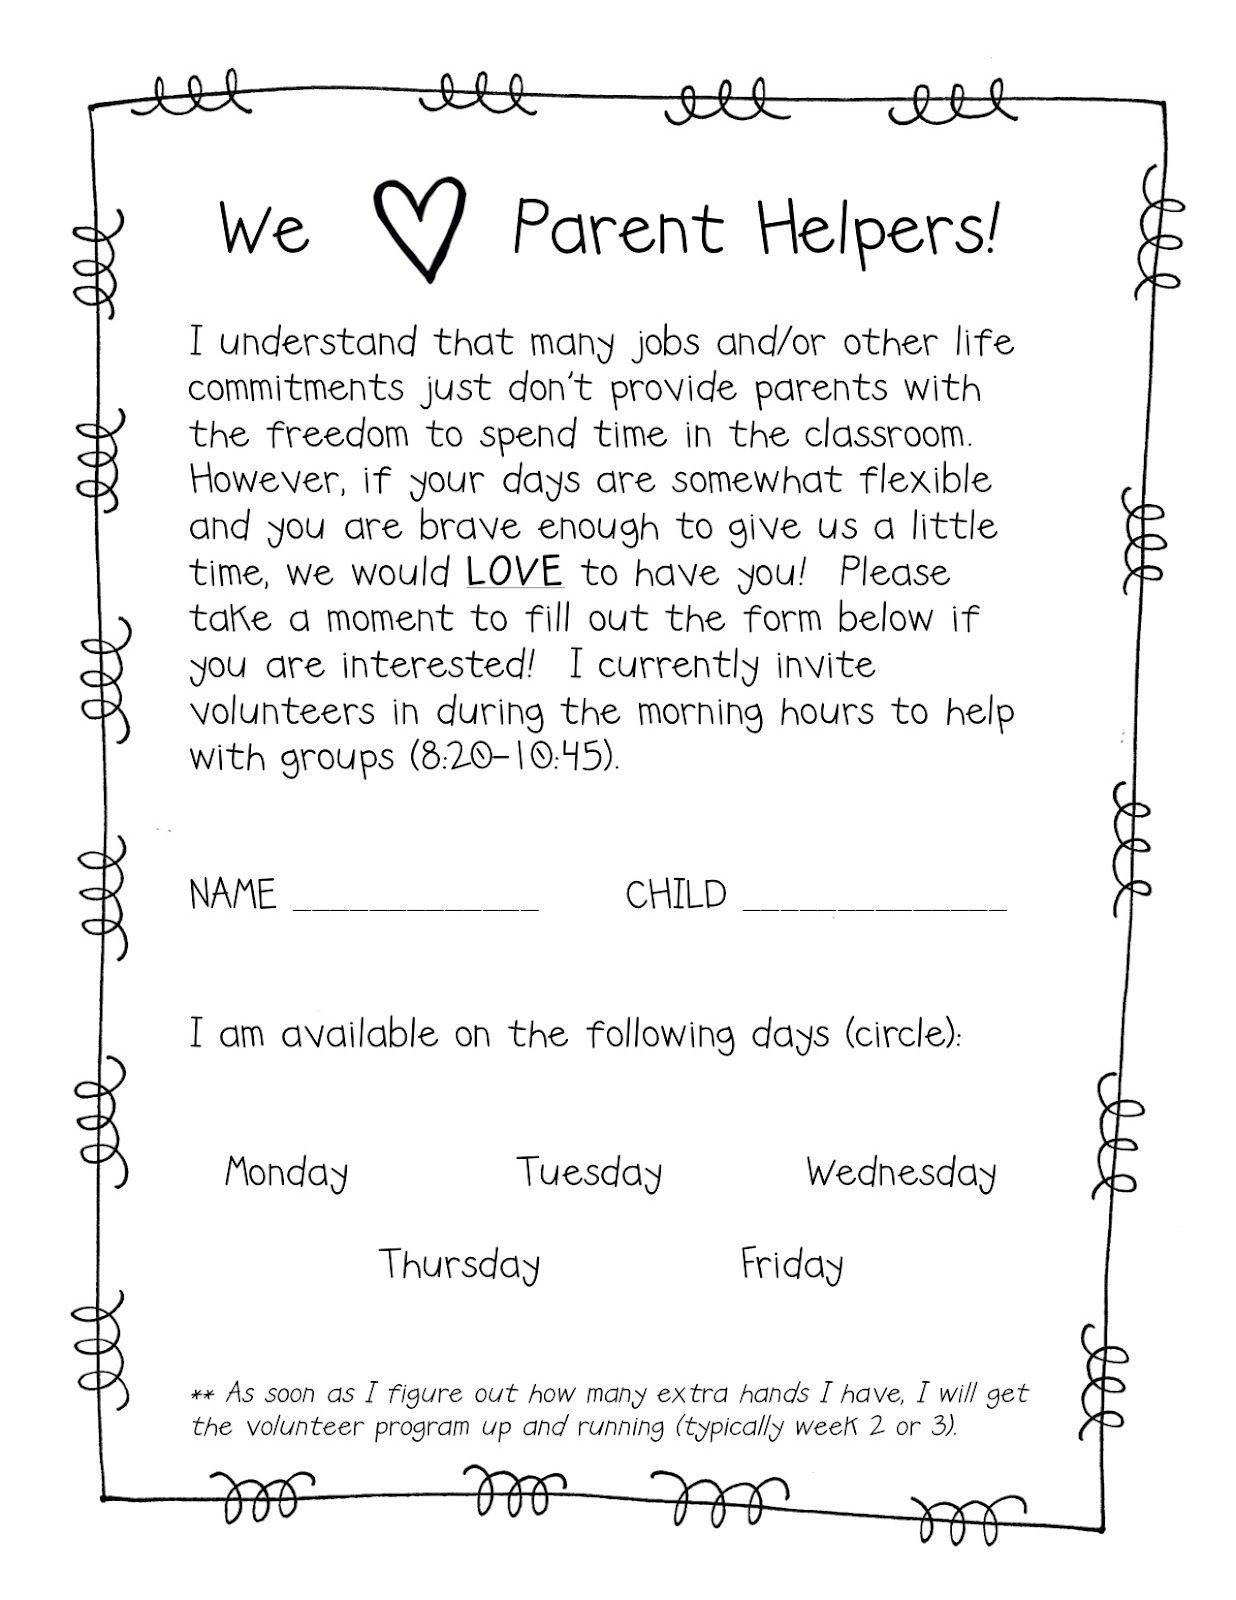 Parent/Back to School Form Ideas Letter to parents